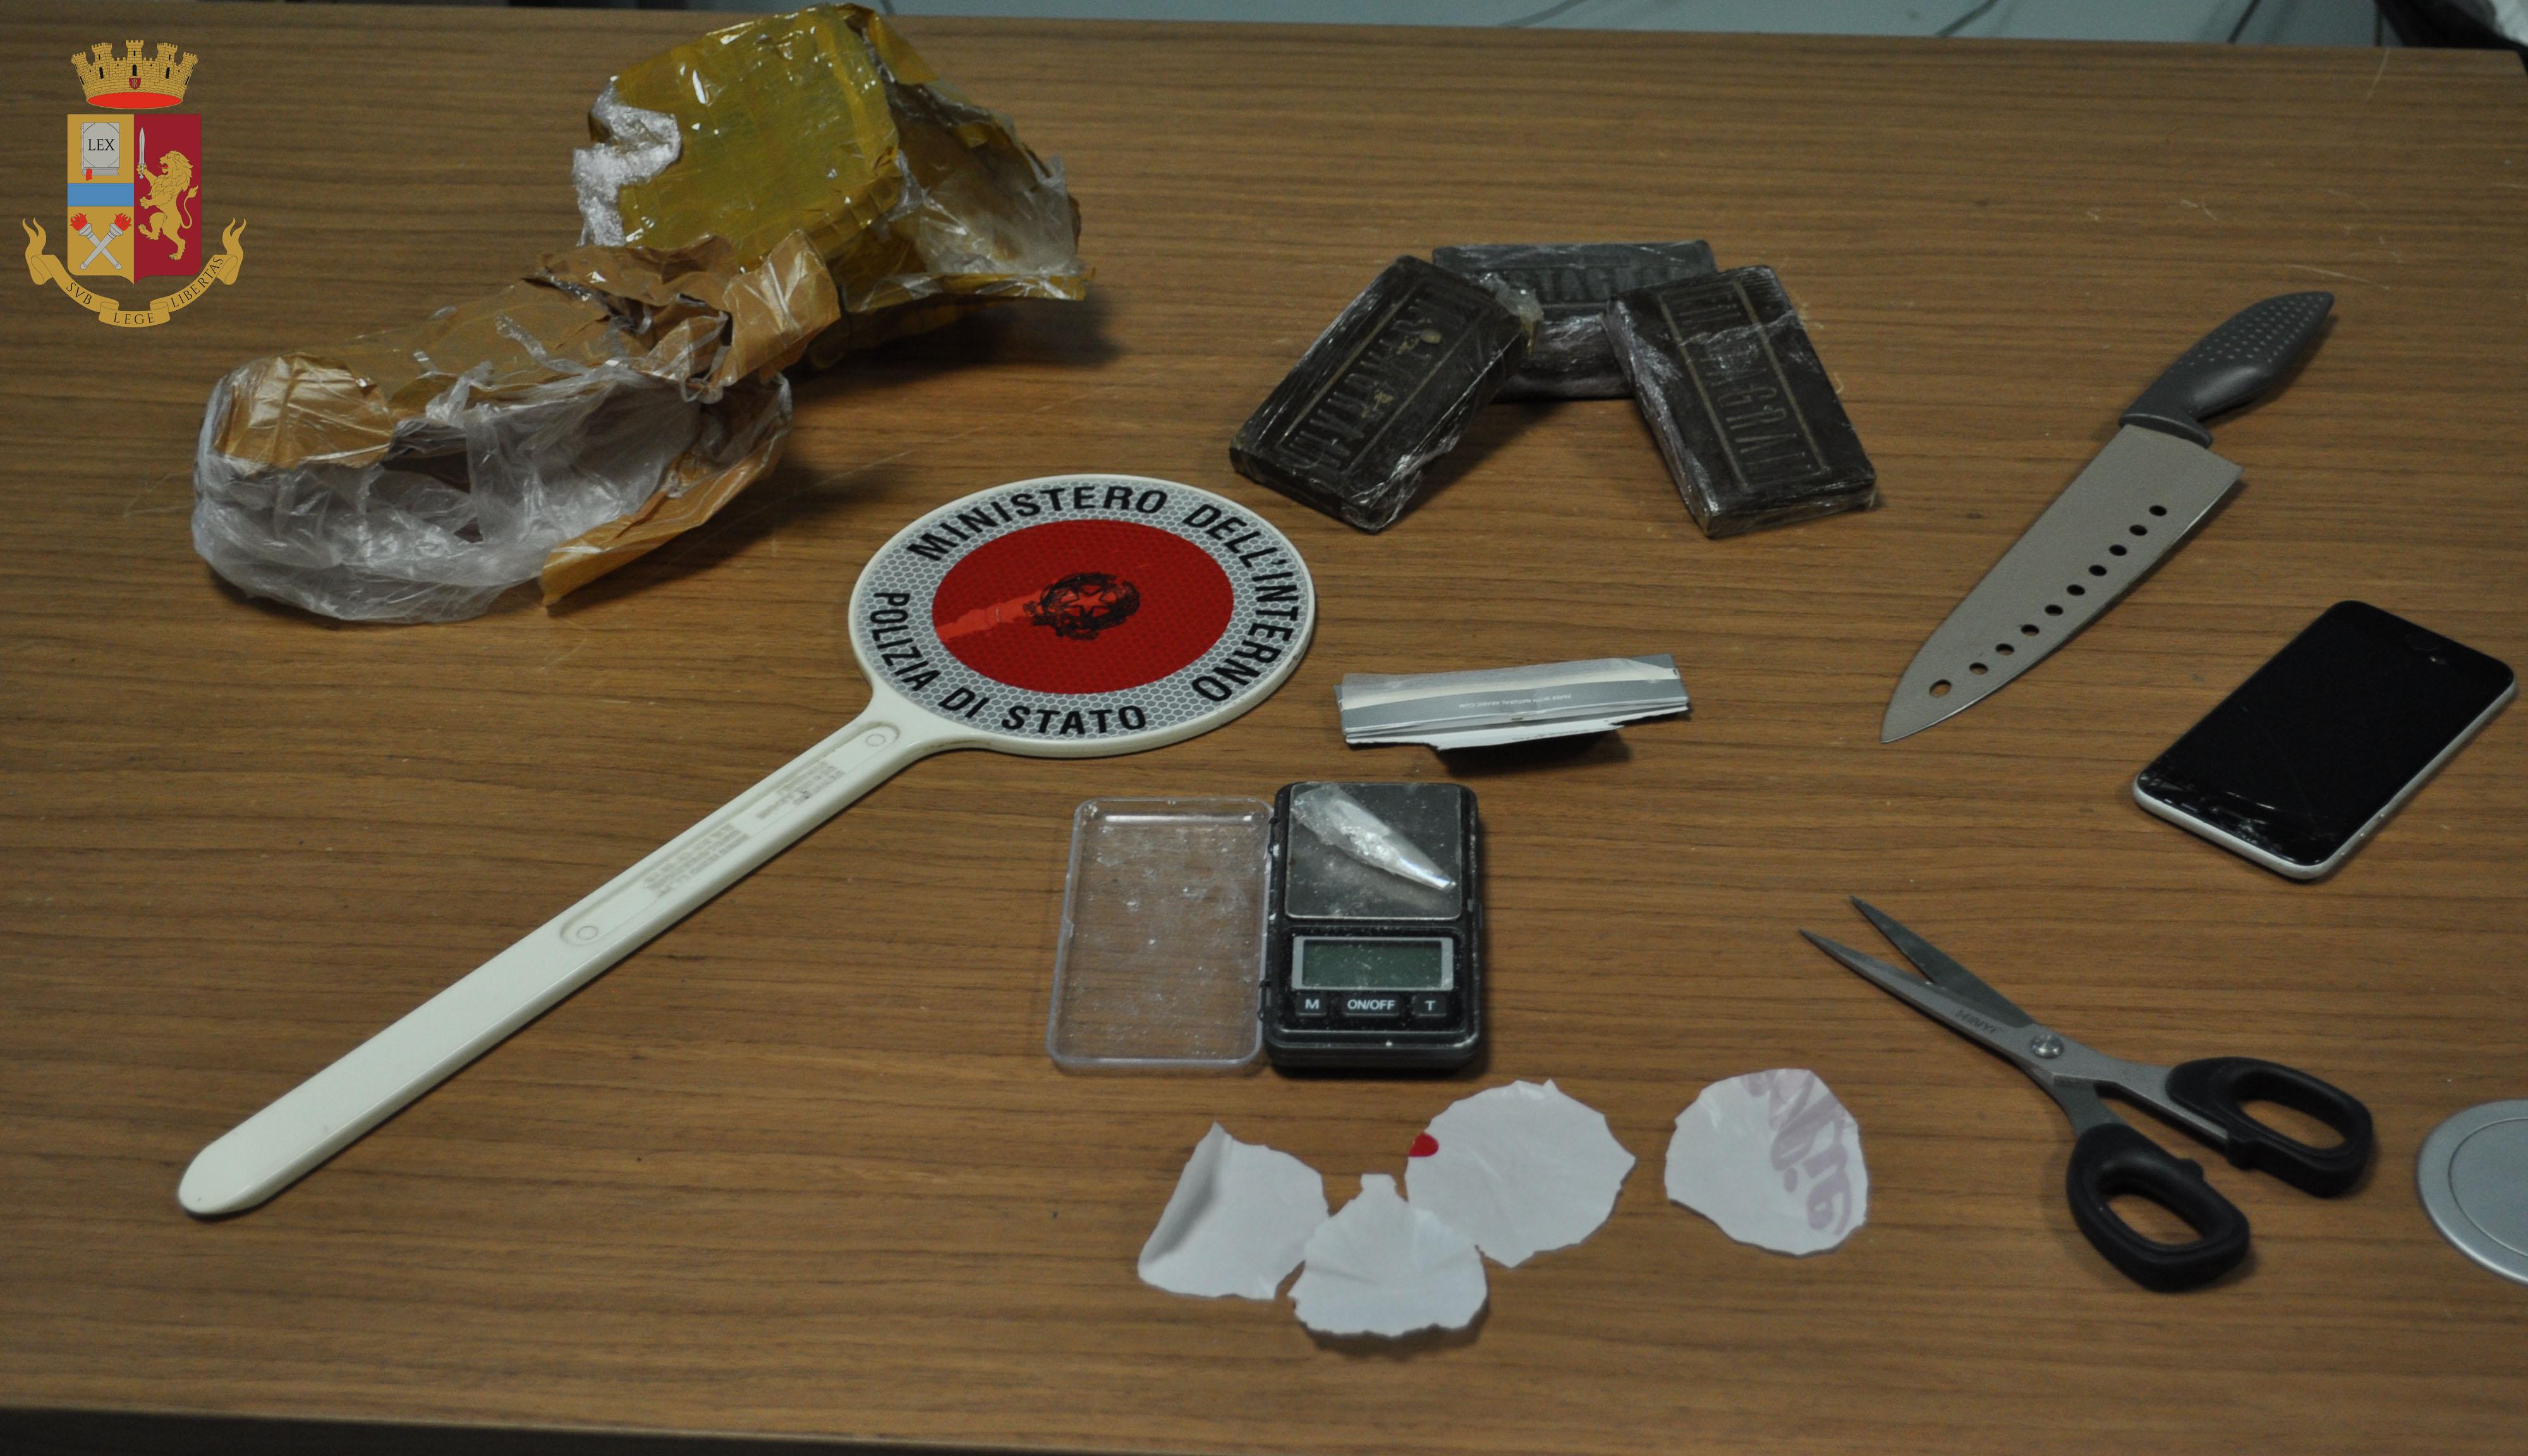 Venafro: la Polizia arresta un pusher con 400 grammi di hashish. Guarda il video dell'operazione.